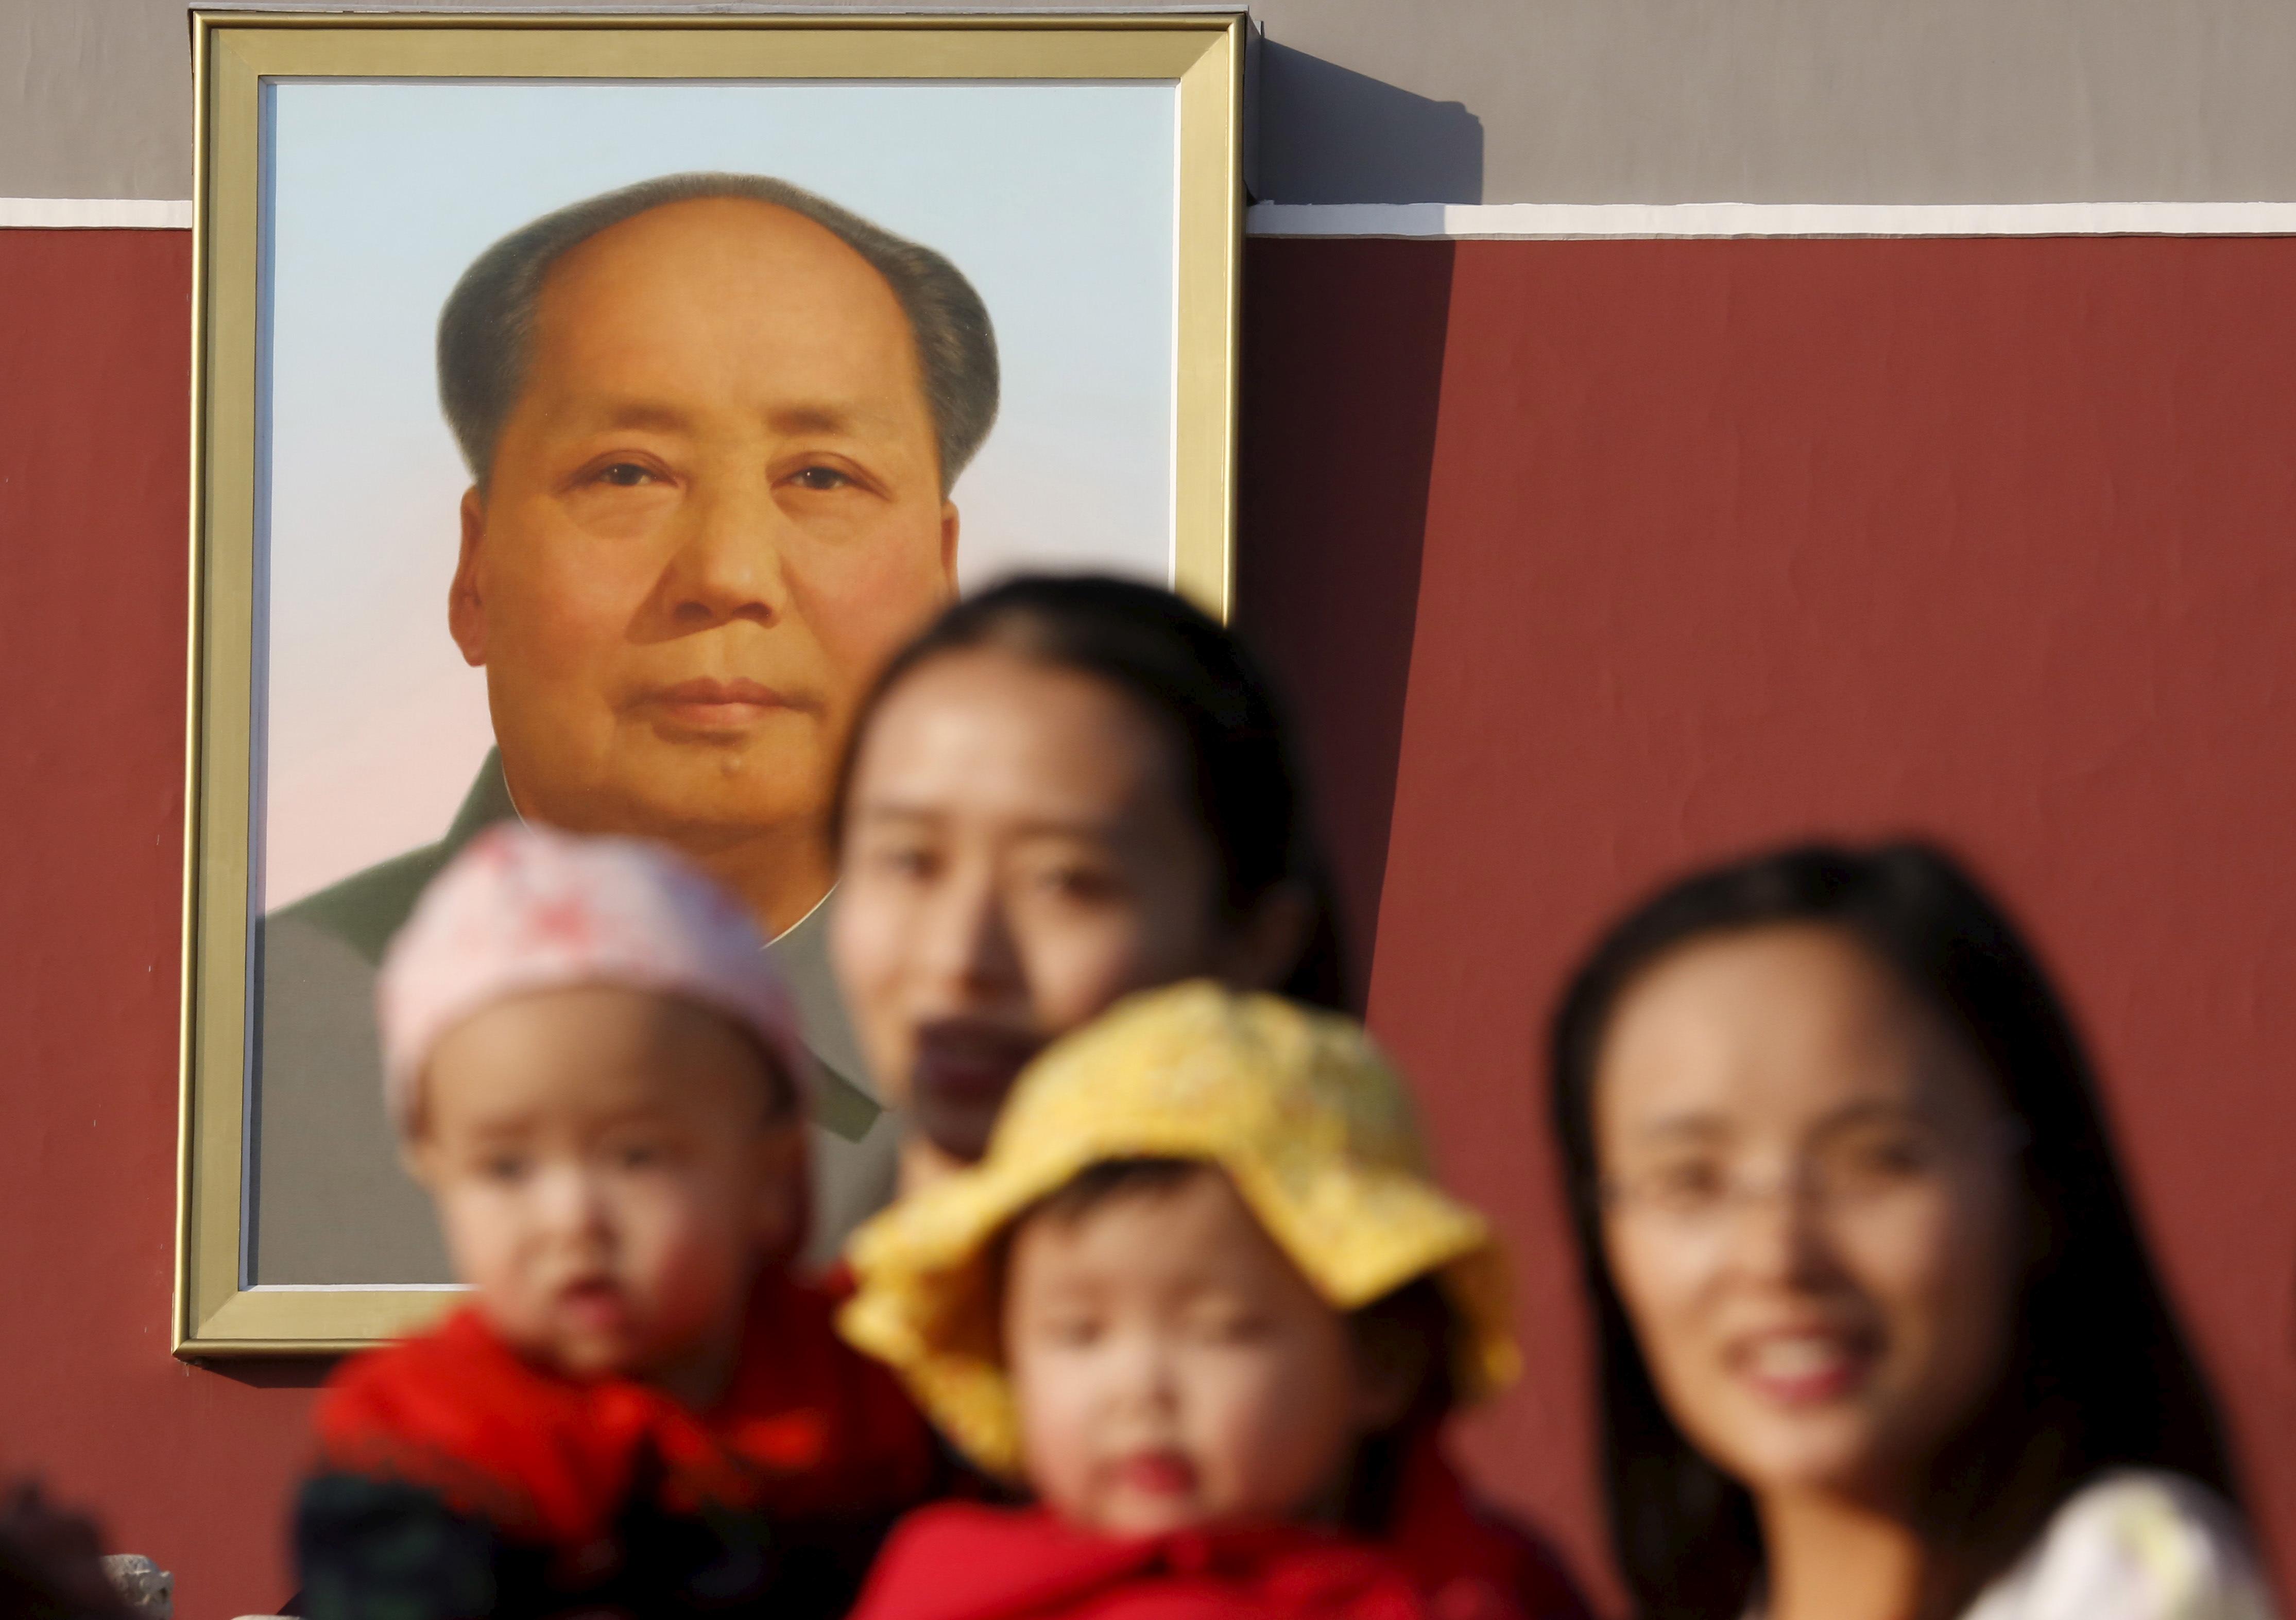 Nu må man få flere børn i Kina | Udland